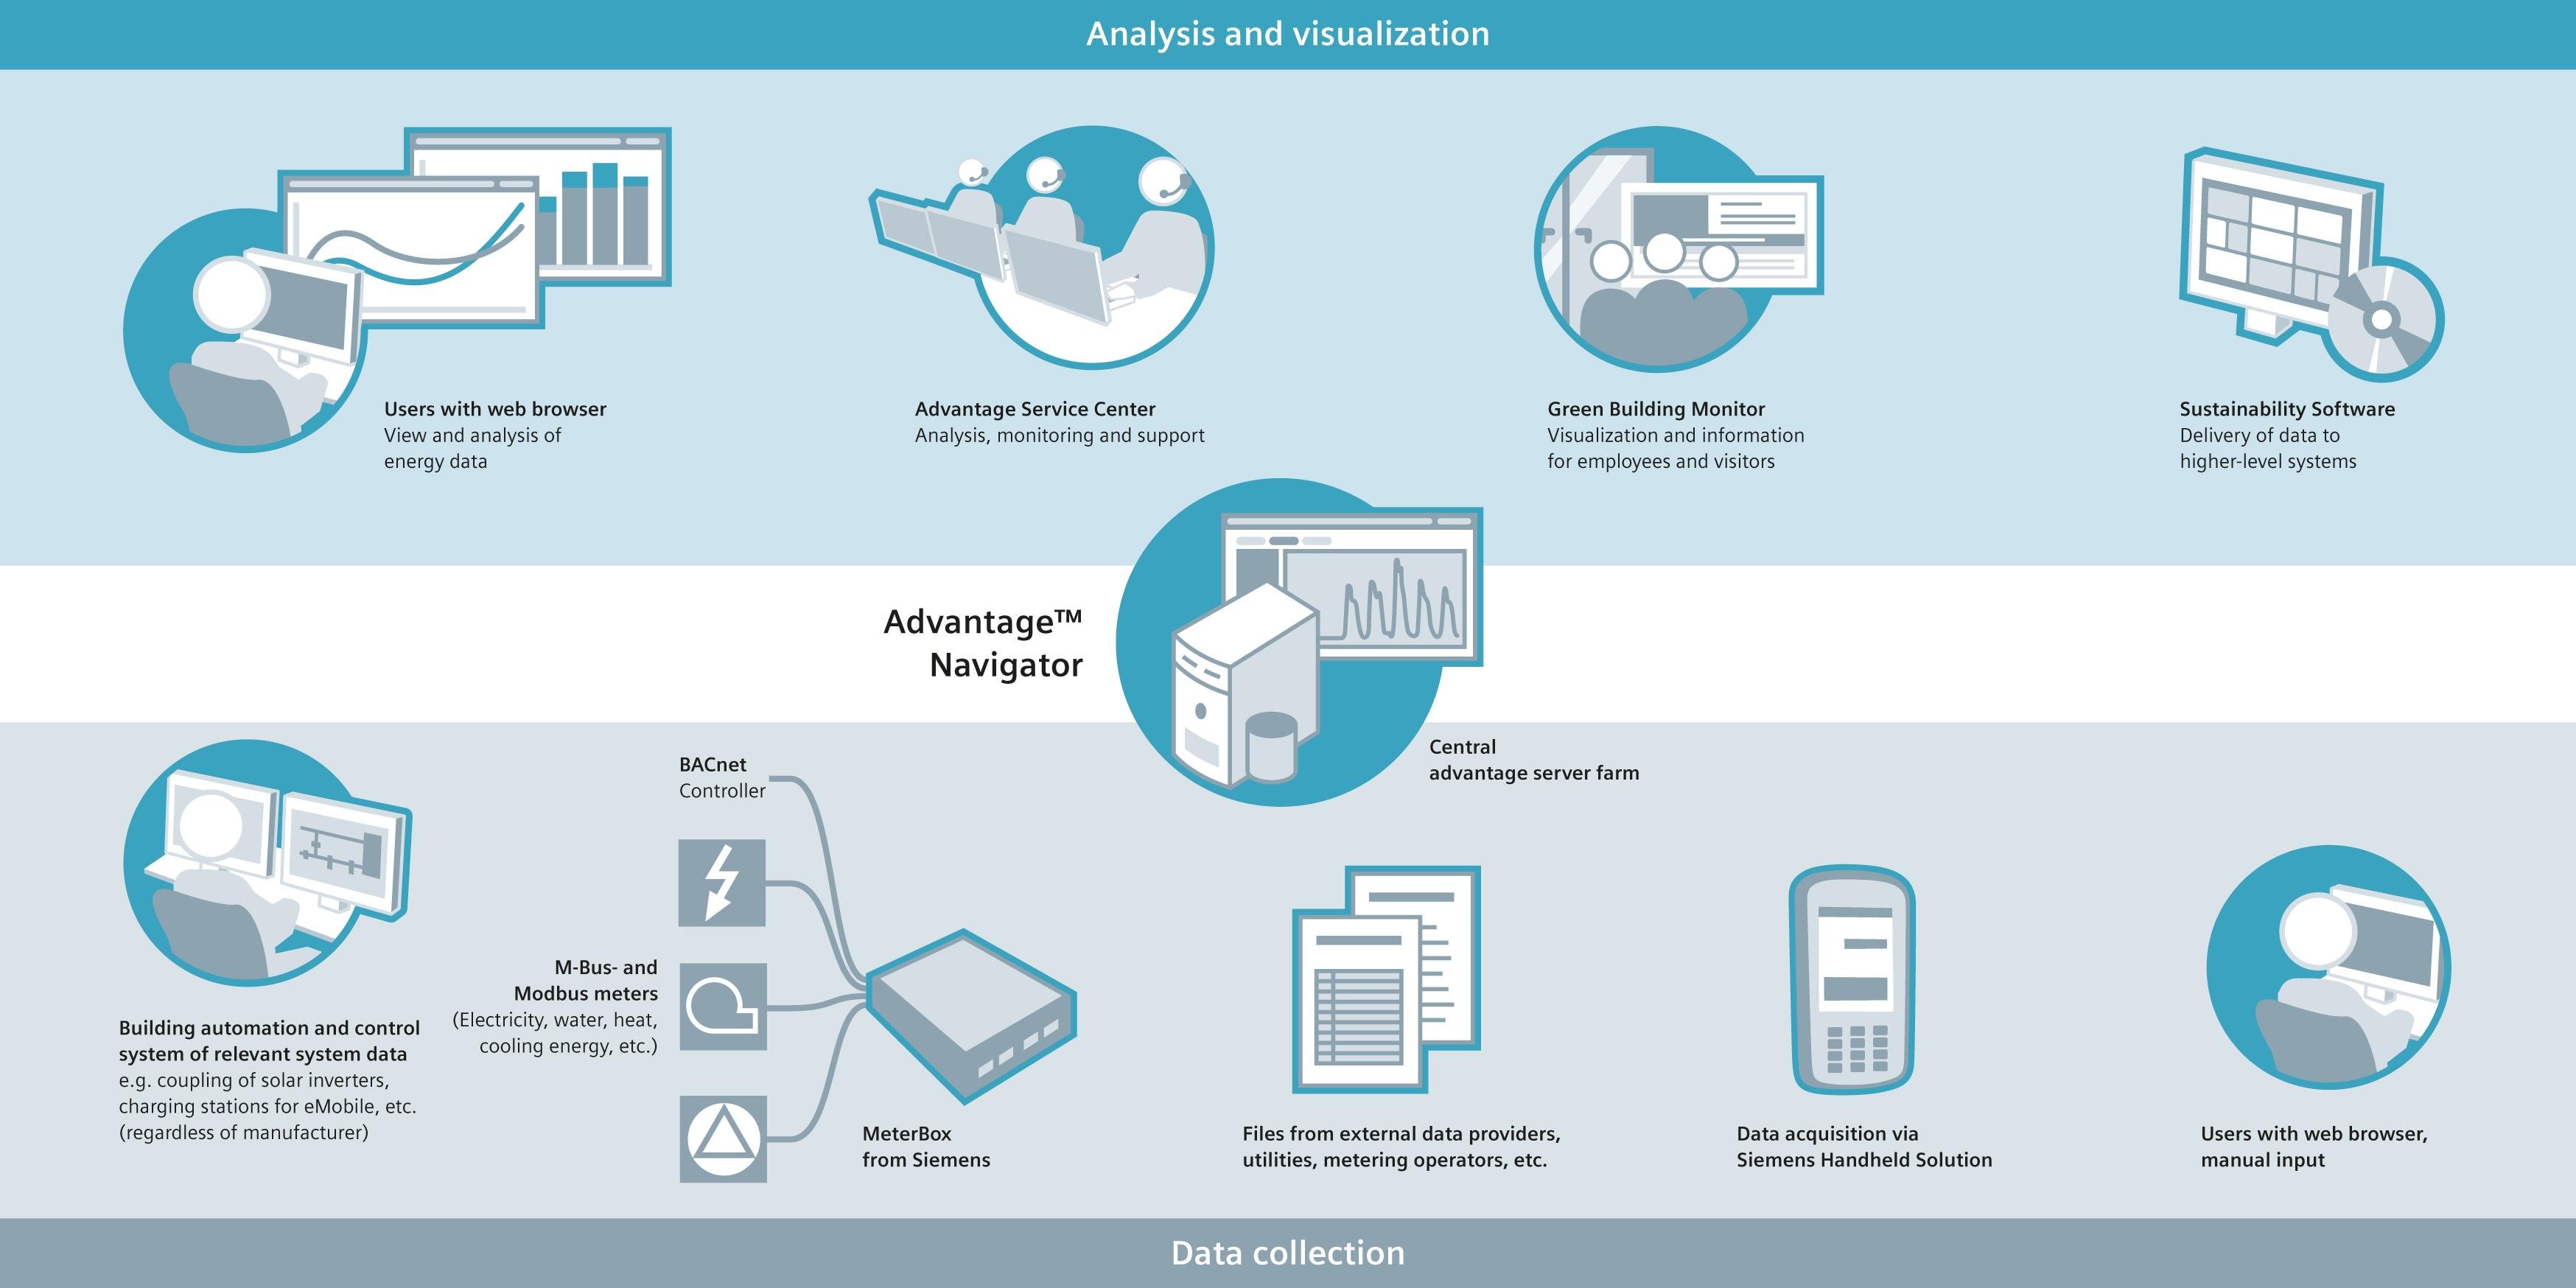 Advantage Navigator Siemens